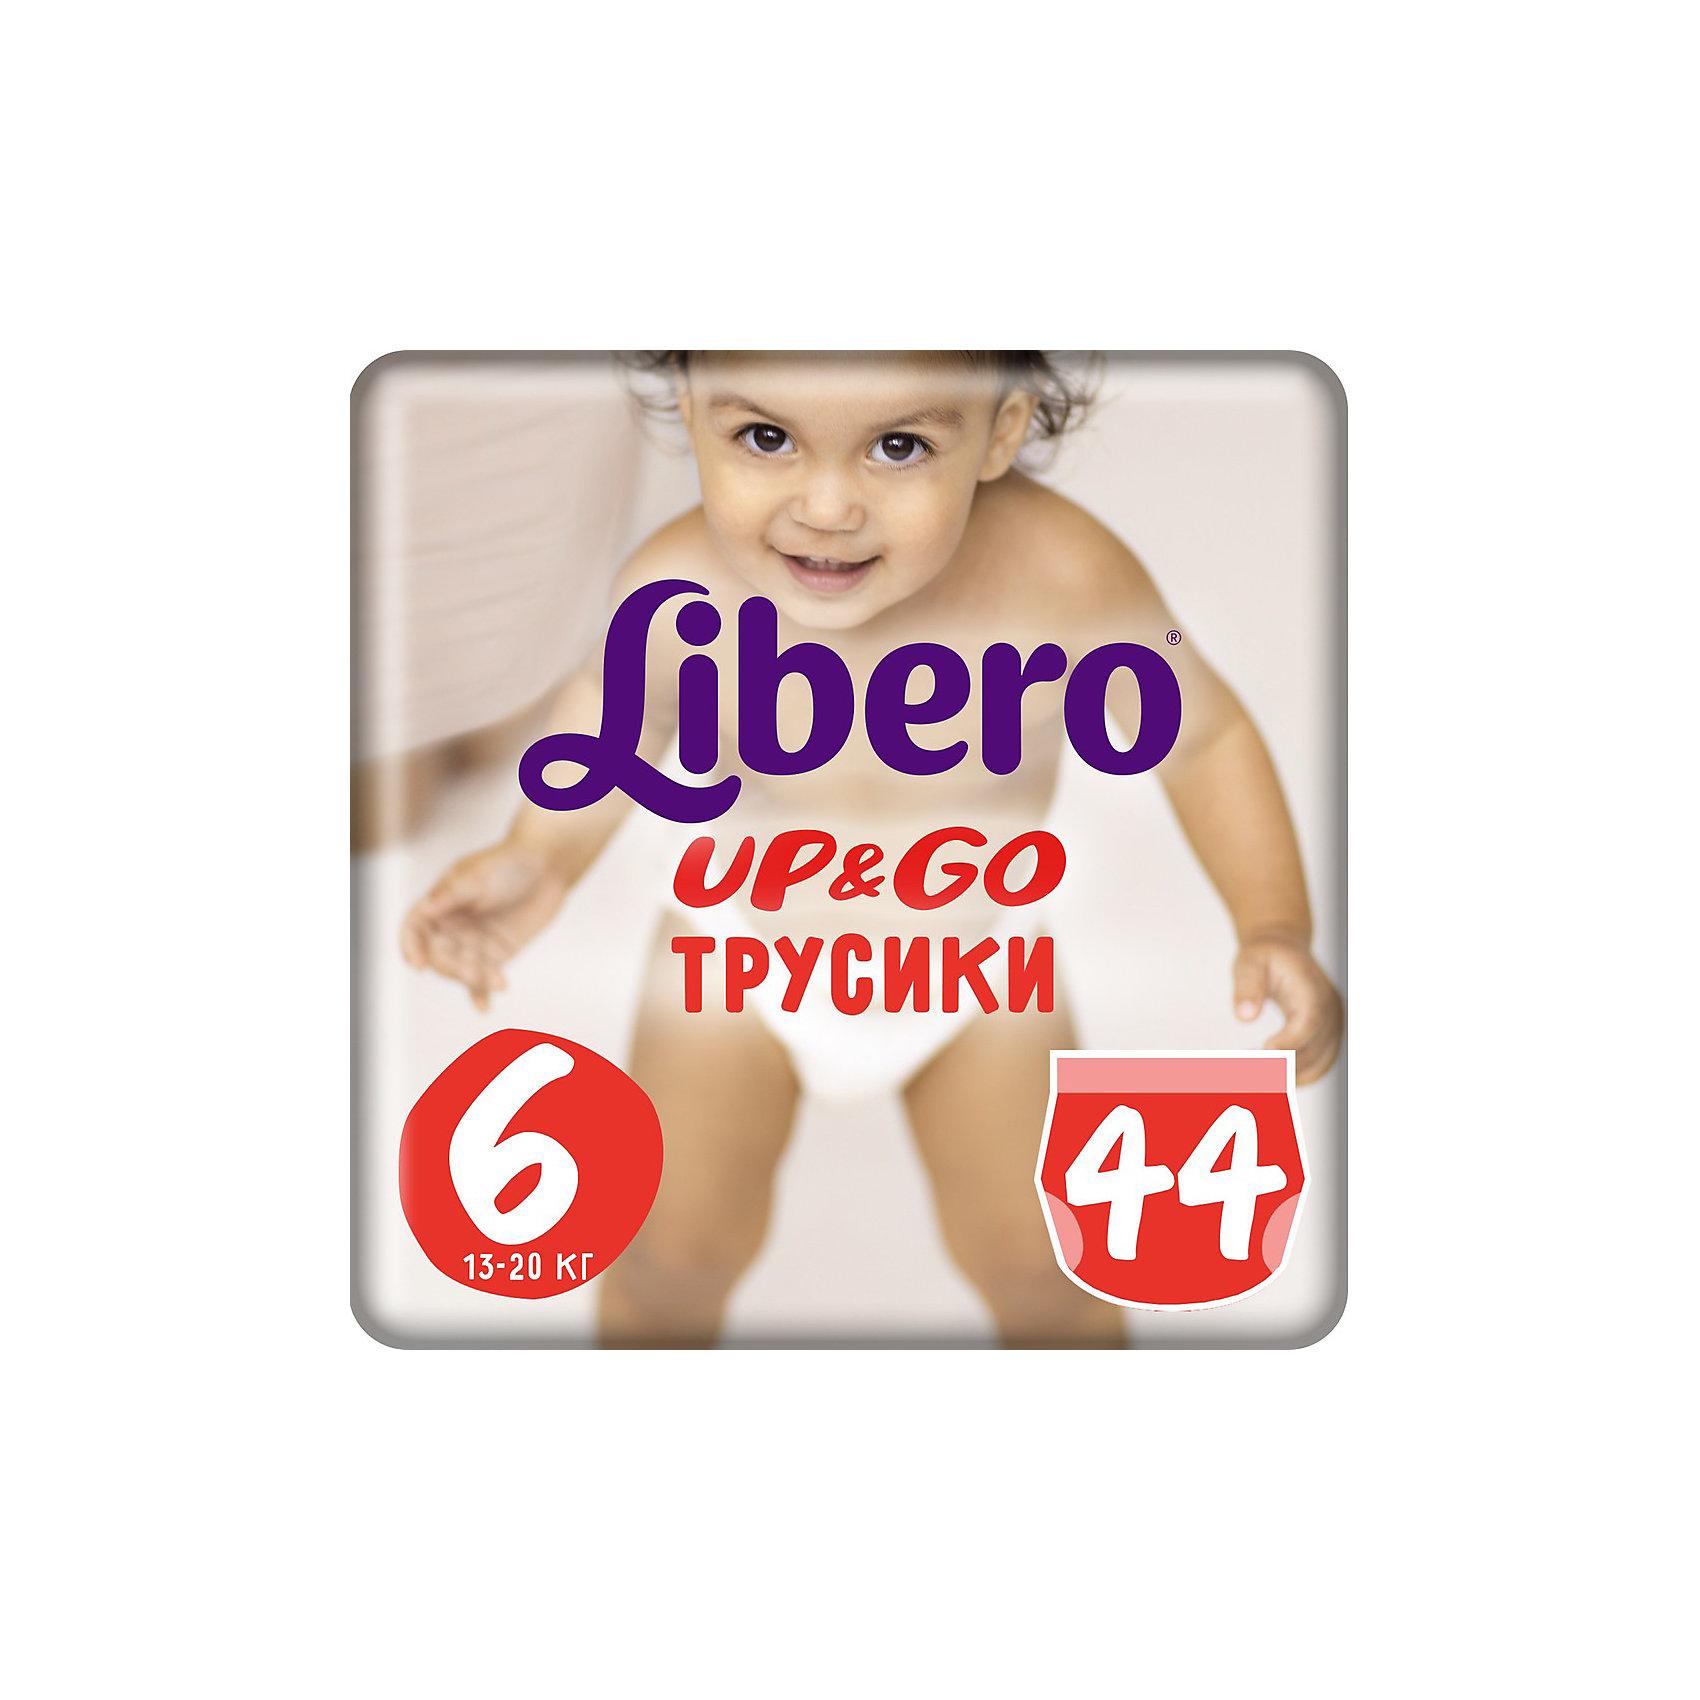 Трусики Up&amp;Go, Mega XL 13-20 кг (6), 44 шт., LiberoТрусики-подгузники Libero Up&amp;Go (Либеро ап энд гоу) Zoo Collection Size 6 (13-20кг), 44 шт.<br><br>Характеристики: <br><br>• легко надевать<br>• мягкие и тонкие трусики<br>• отлично впитывают и удерживают влагу<br>• тянущийся поясок из дышащих материалов<br>• барьеры вокруг ножек защищают от протекания<br>• не сковывают движений<br>• легко снимать и сворачивать<br>• привлекательный дизайн с животными<br>• размер: 6 (13-20 кг)<br>• количество в упаковке: 44 шт.<br><br>Трусики-подгузники Libero Up&amp;Go из коллекции Зоопарк идеально подойдут для самых активных малышей. Вы с легкостью сможете надеть трусики-подгузники, даже если ваш непоседа не любит спокойно сидеть. Несмотря на небольшую толщину, трусики отлично впитывают и удерживают влагу, не сковывая движений крохи. Барьеры вокруг ножек и эластичный пояс предотвратят возможные протекания. После использования вы легко снимите подгузник, разорвав боковые швы. Клеящая лента поможет закрепить использованный подгузник после сворачивания. Трусики имеют приятный дизайн, который понравится и ребенку, и родителям: 6 различных зверюшек, которых можно встретить в любом зоопарке. Предложите малышу изучить животных и выбрать, кого из них он хочет надеть. С этими трусиками-подгузниками процесс переодевания превратится в настоящую игру!<br><br>Трусики-подгузники Libero Up&amp;Go Zoo Collection Size 6 (13-20кг), 44 шт. вы можете приобрести в нашем интернет-магазине.<br><br>Ширина мм: 147<br>Глубина мм: 250<br>Высота мм: 394<br>Вес г: 1881<br>Возраст от месяцев: 12<br>Возраст до месяцев: 60<br>Пол: Унисекс<br>Возраст: Детский<br>SKU: 3517654